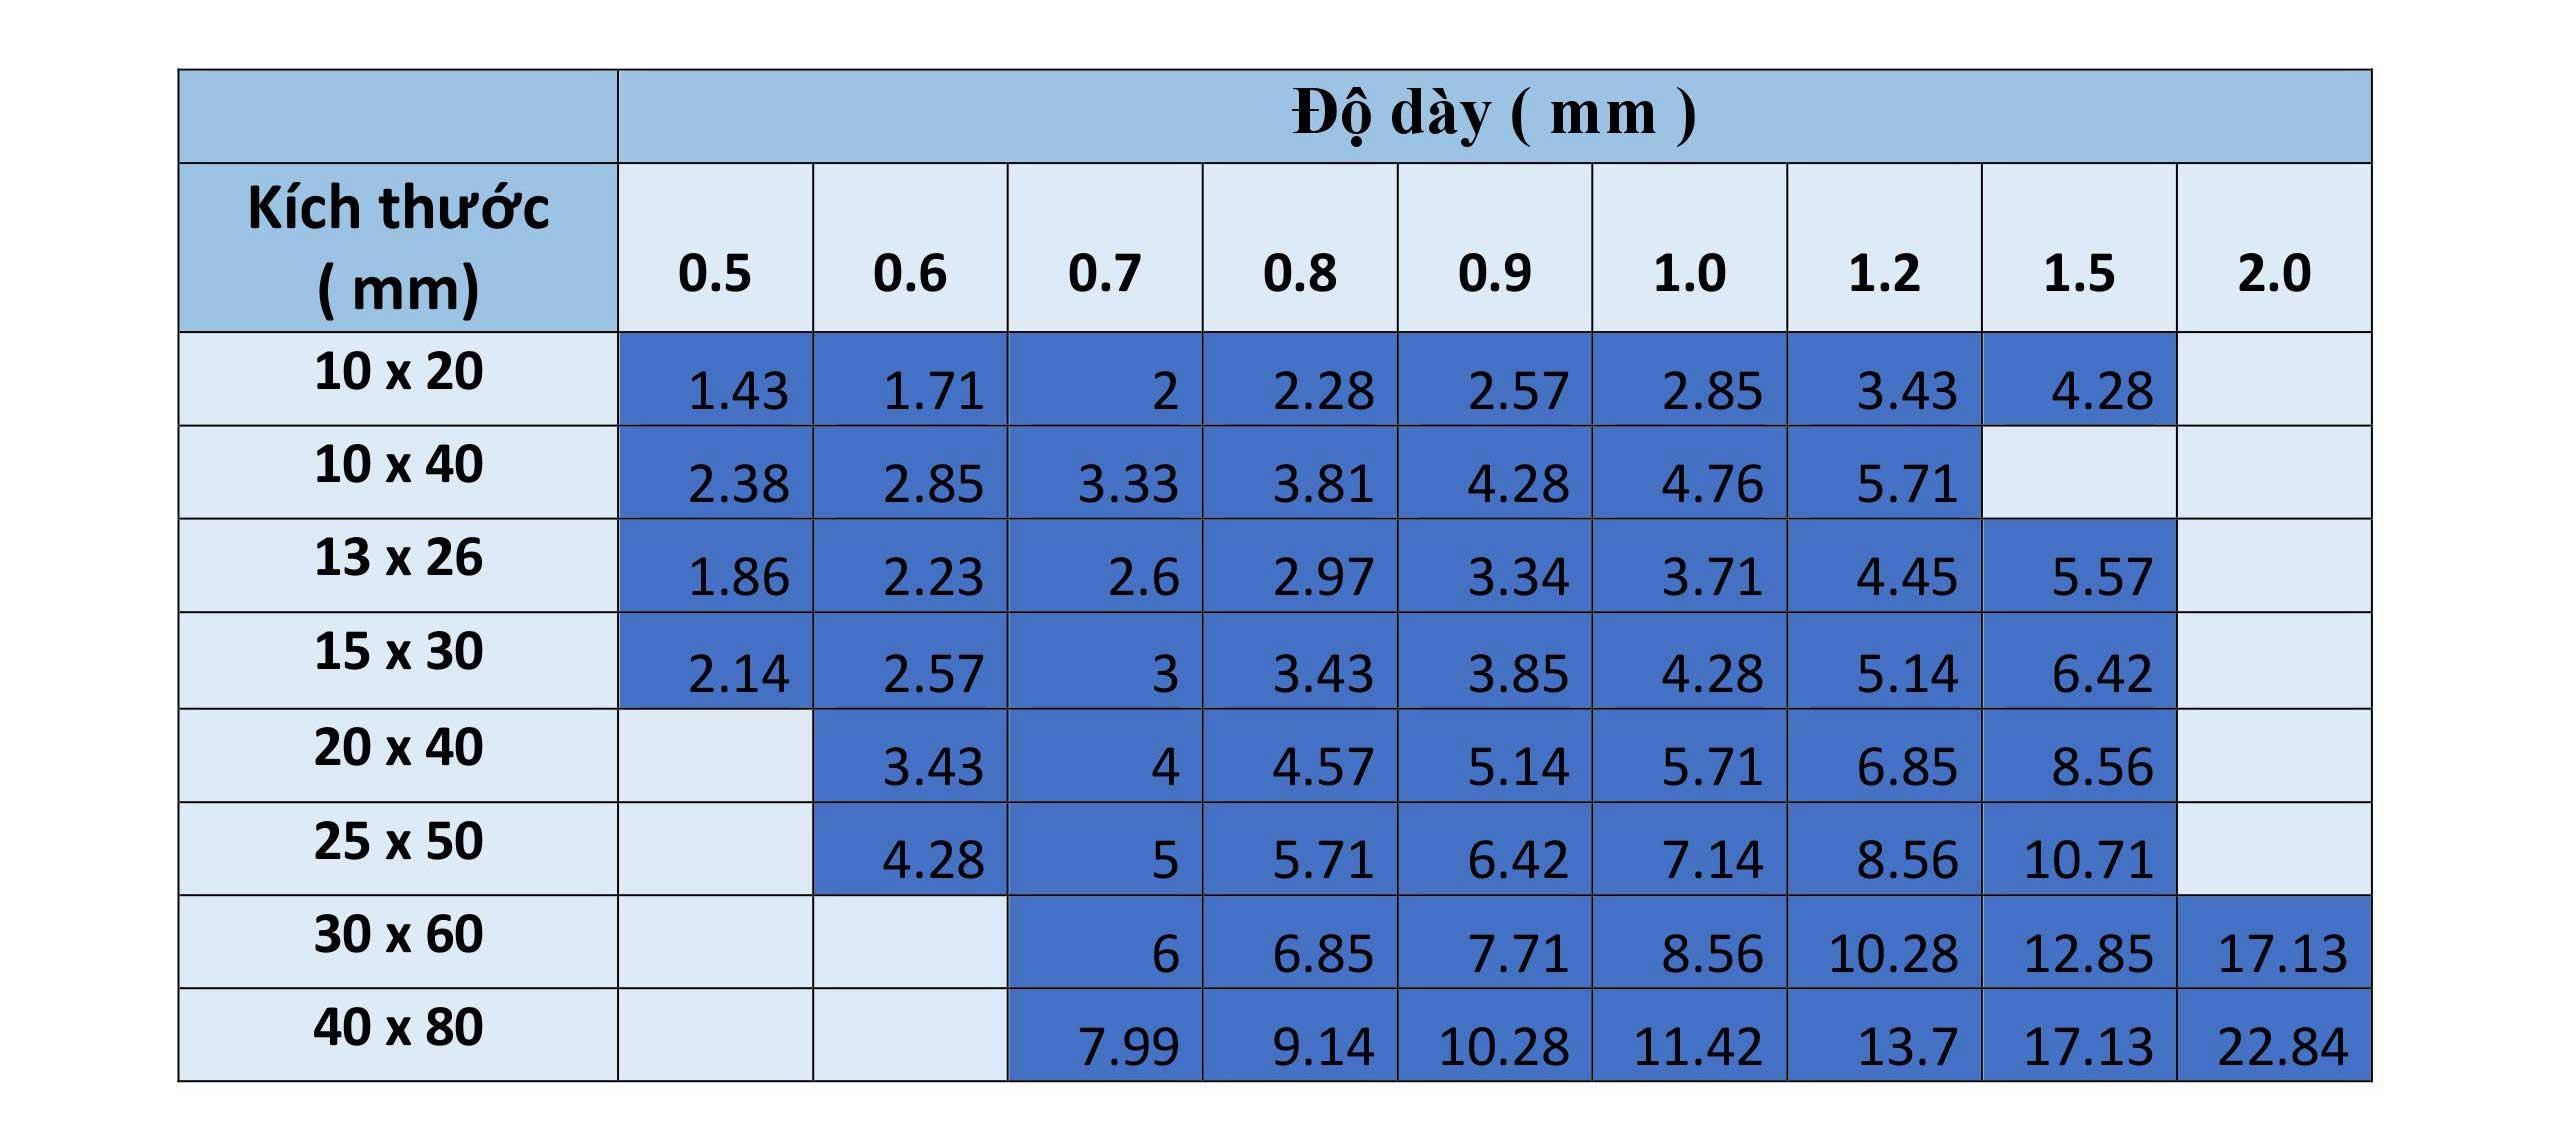 Bảng trọng lượng hộp inoxchữ nhật 304/304L: